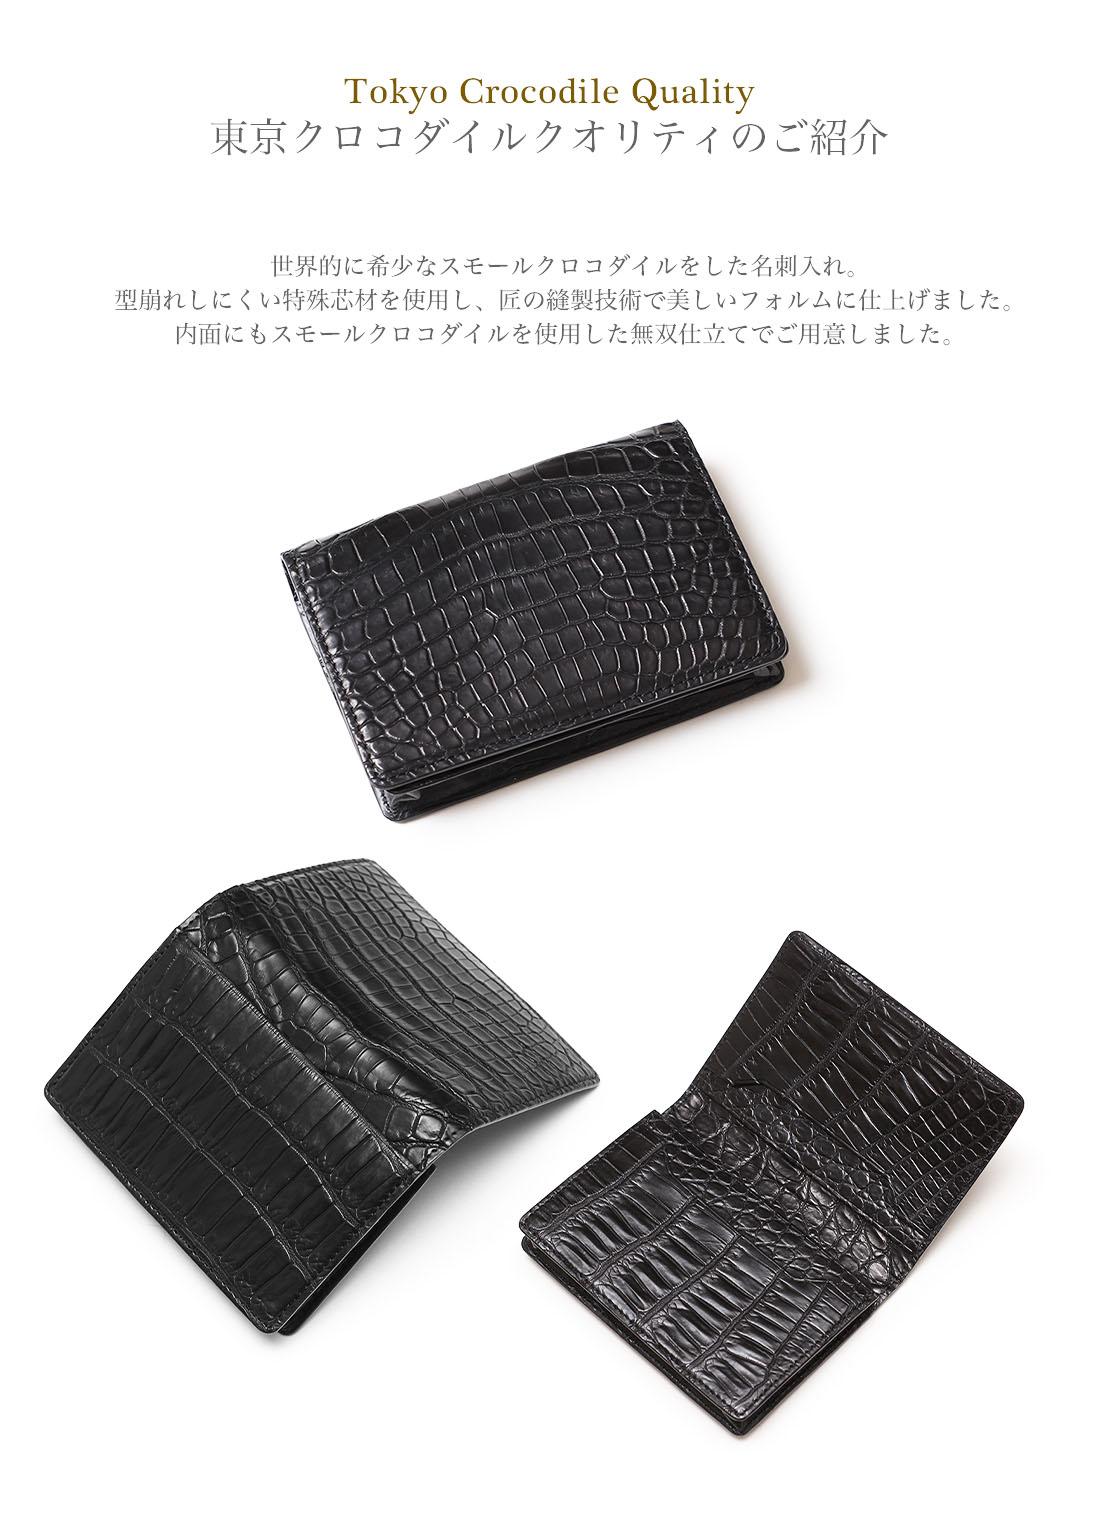 クロコダイル 財布 メンズ 折財布 マット プレゼント ブランド